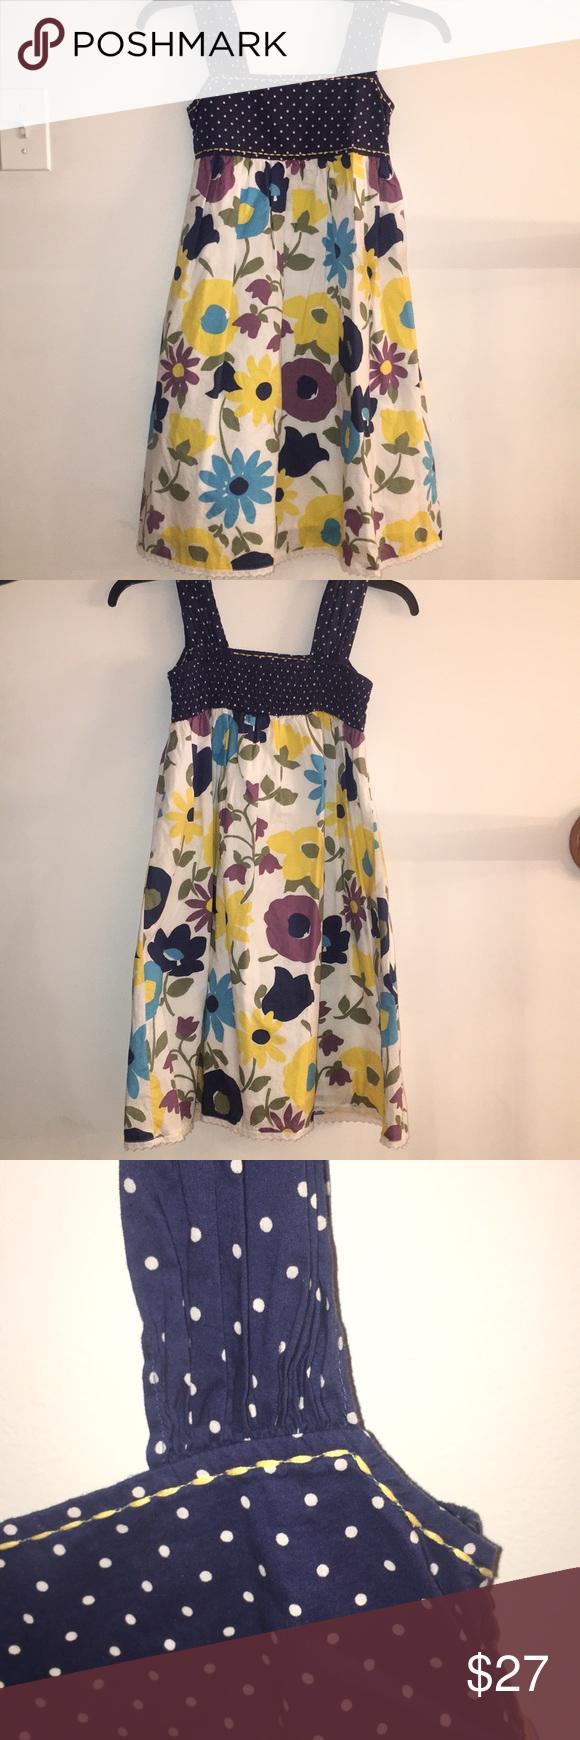 Mini boden flowerpolka dot dress mini boden boden and minis